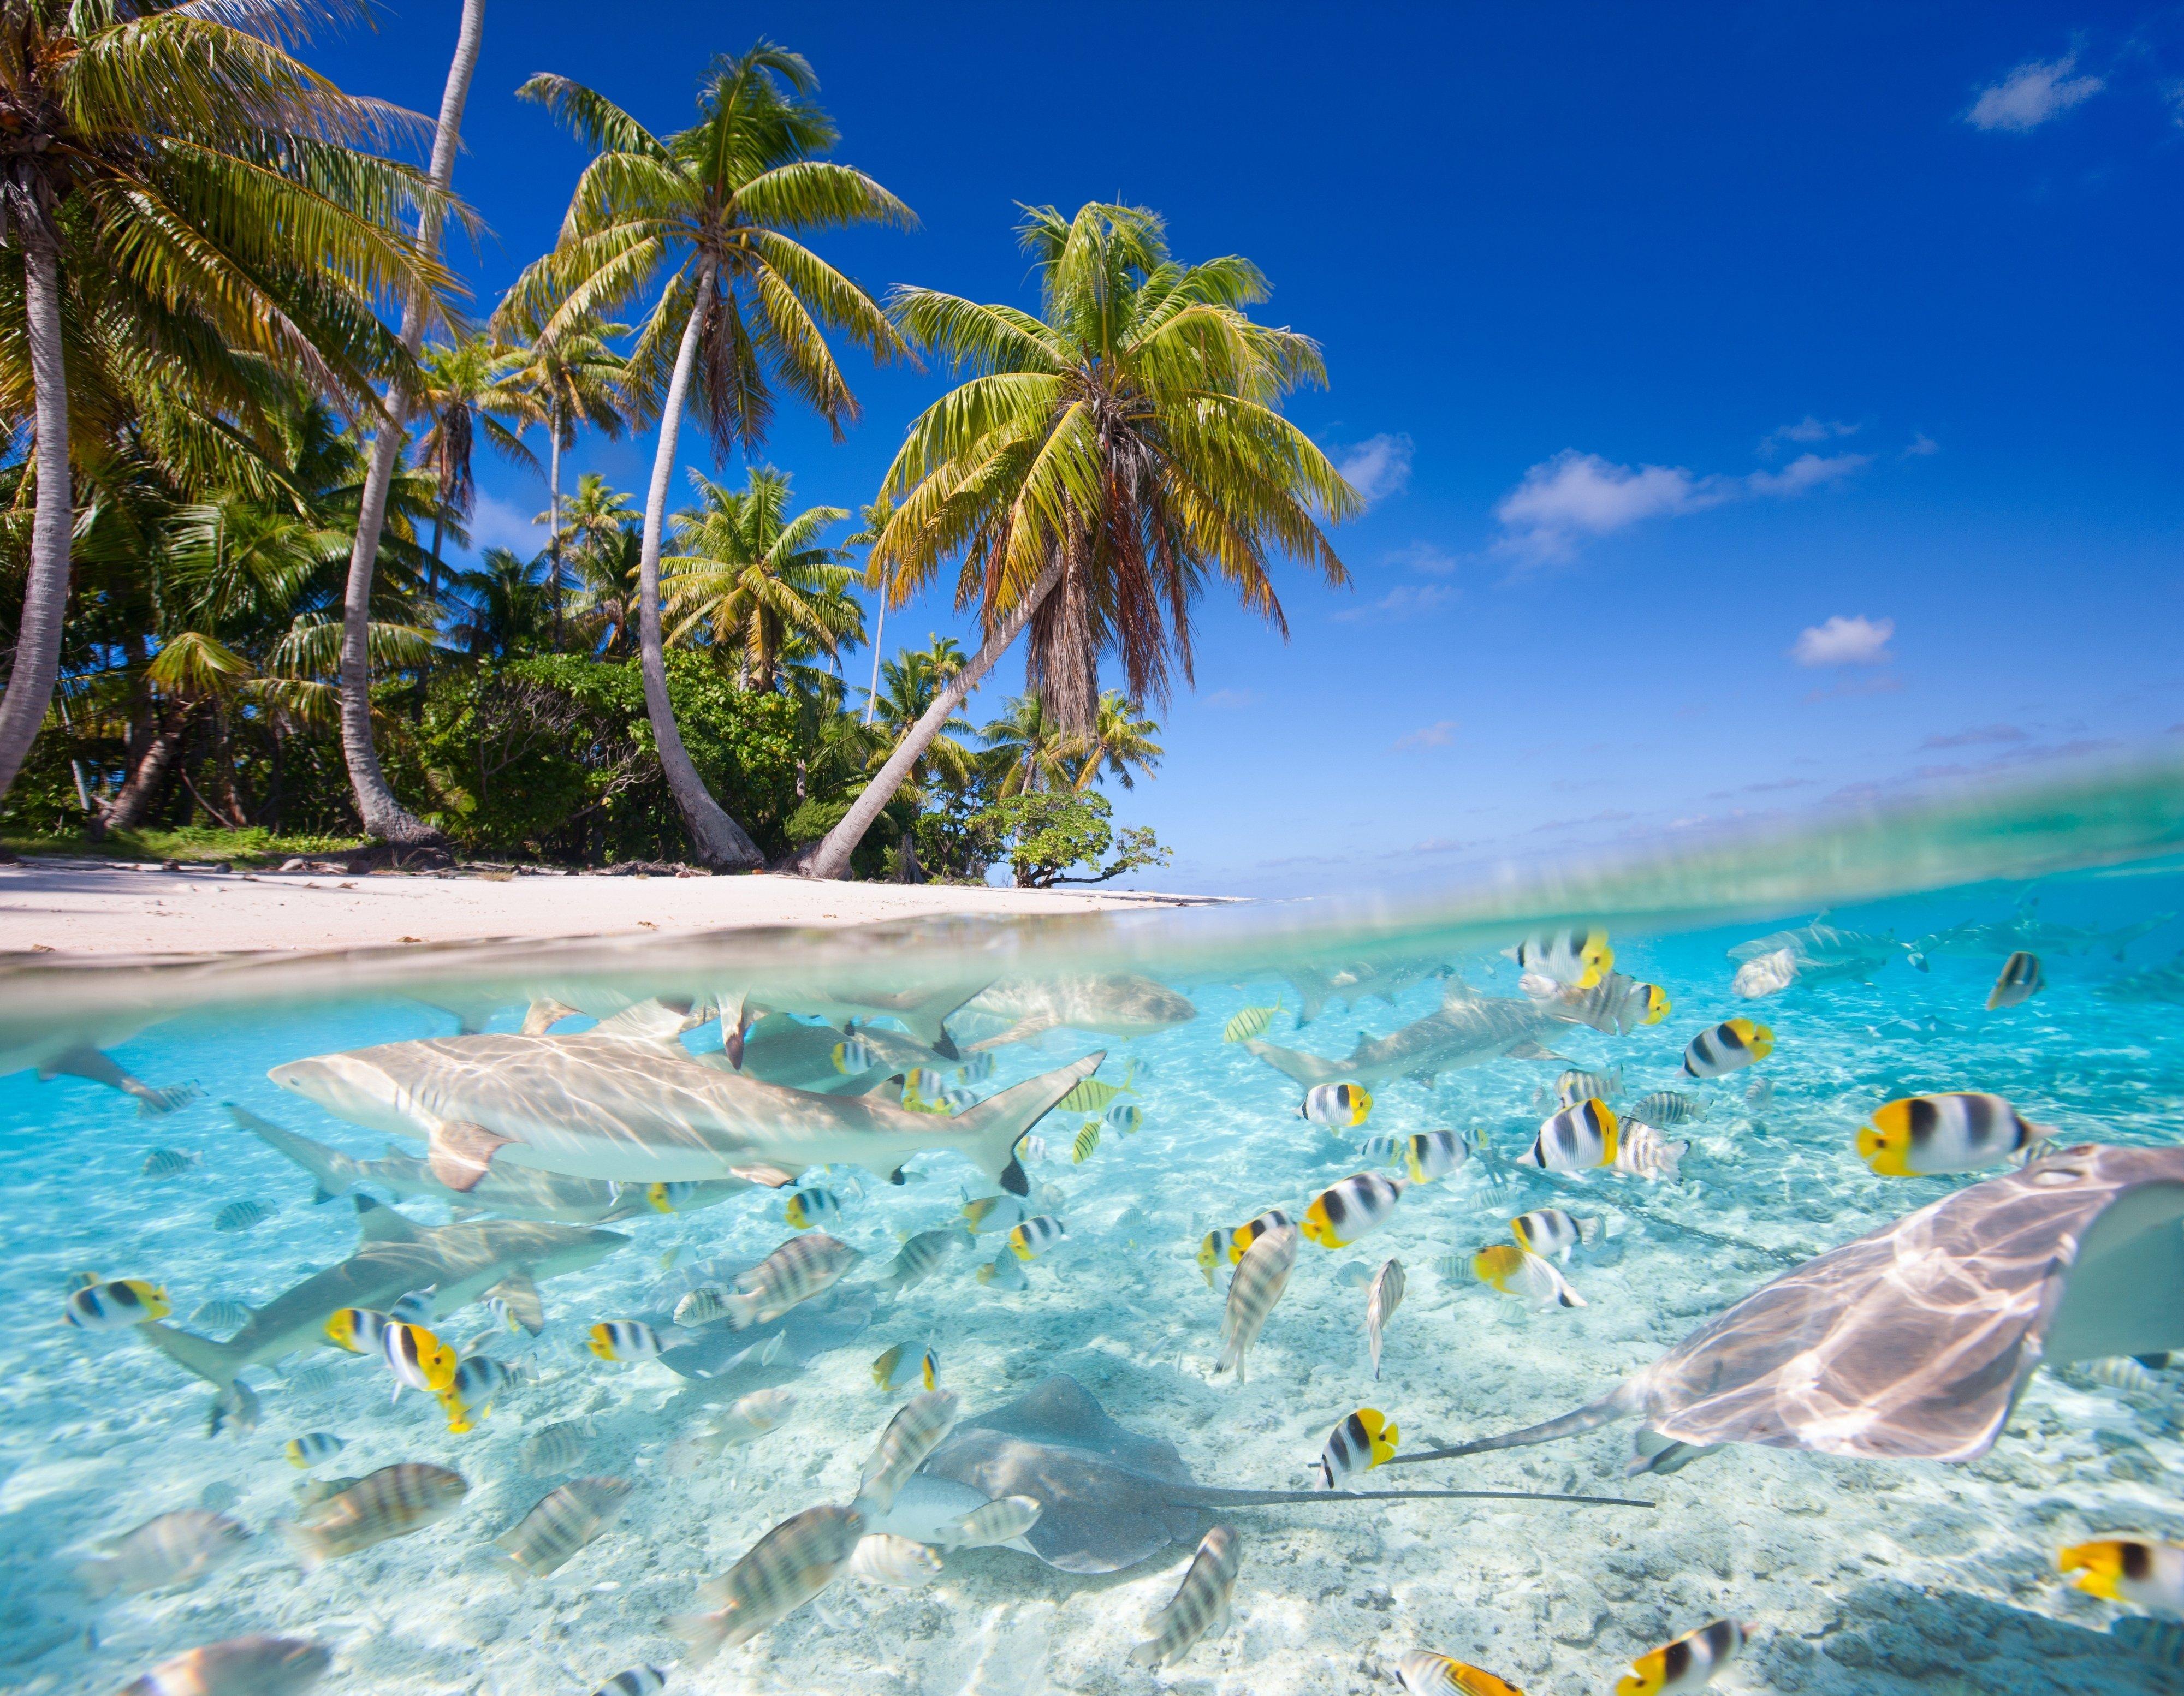 tropical ocean scenery wallpaper wallpapersafari